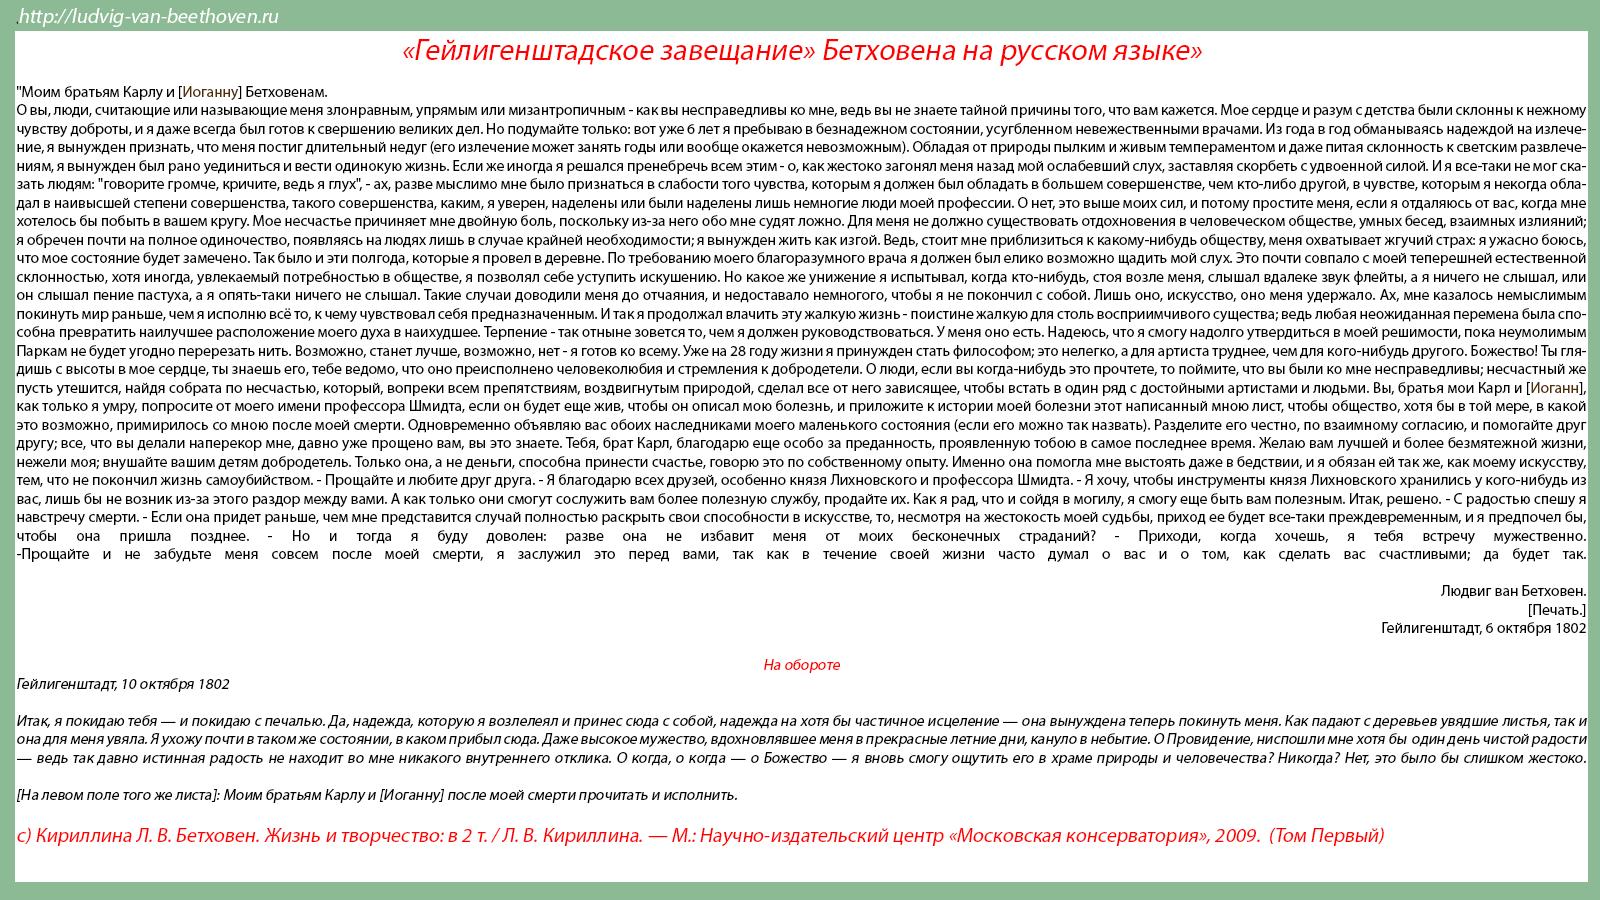 Гейлигенштадское завещание Бетховена на русском языке